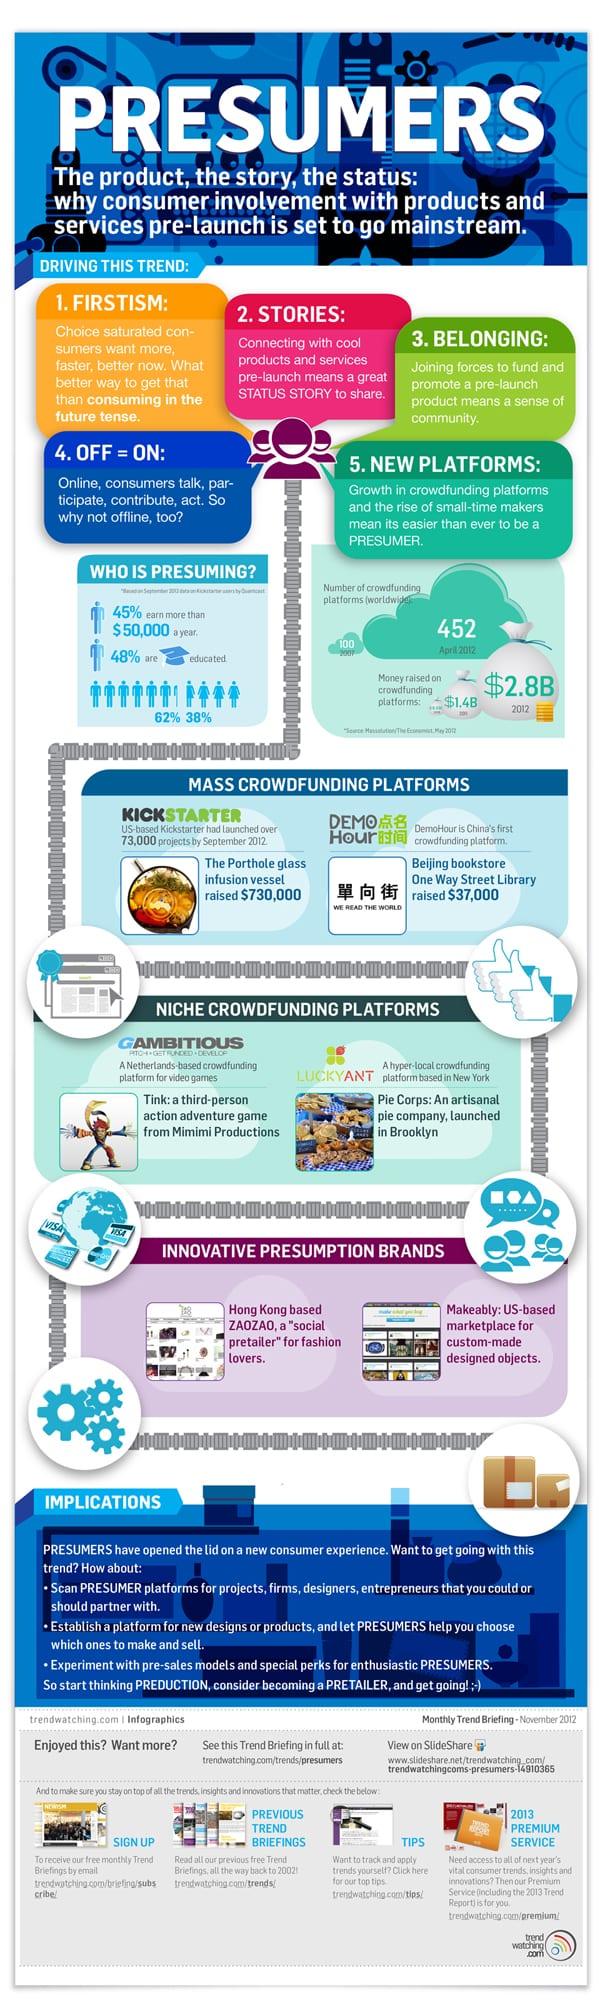 Infographic presumers